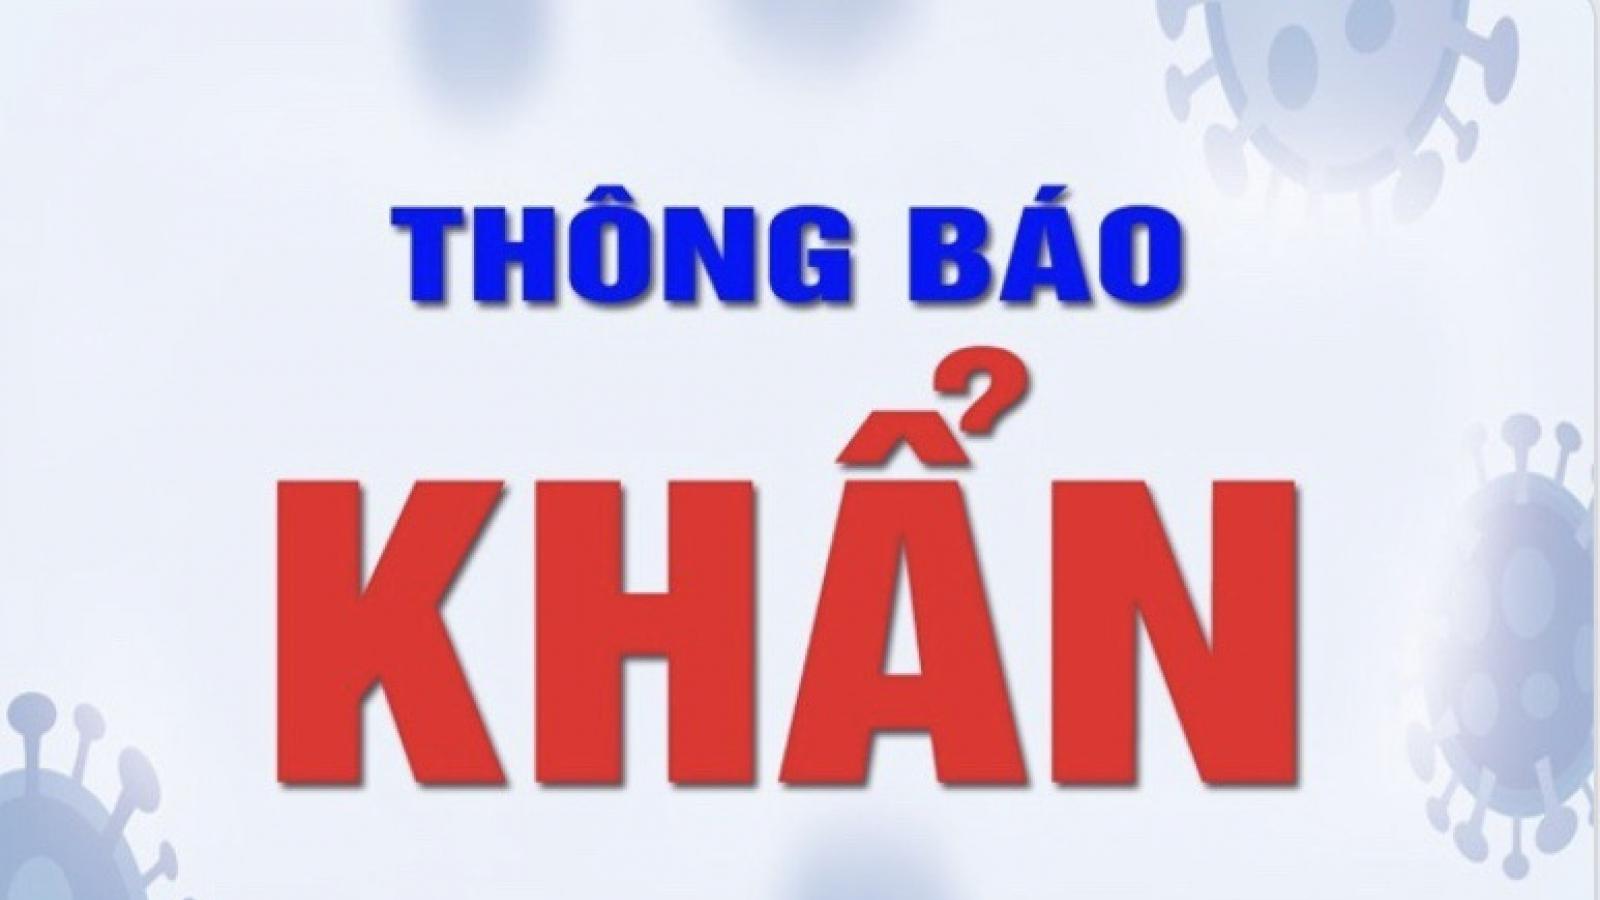 Thông báo khẩn tìm người đến cửa hàng tiện lợi D&H tại Định Công